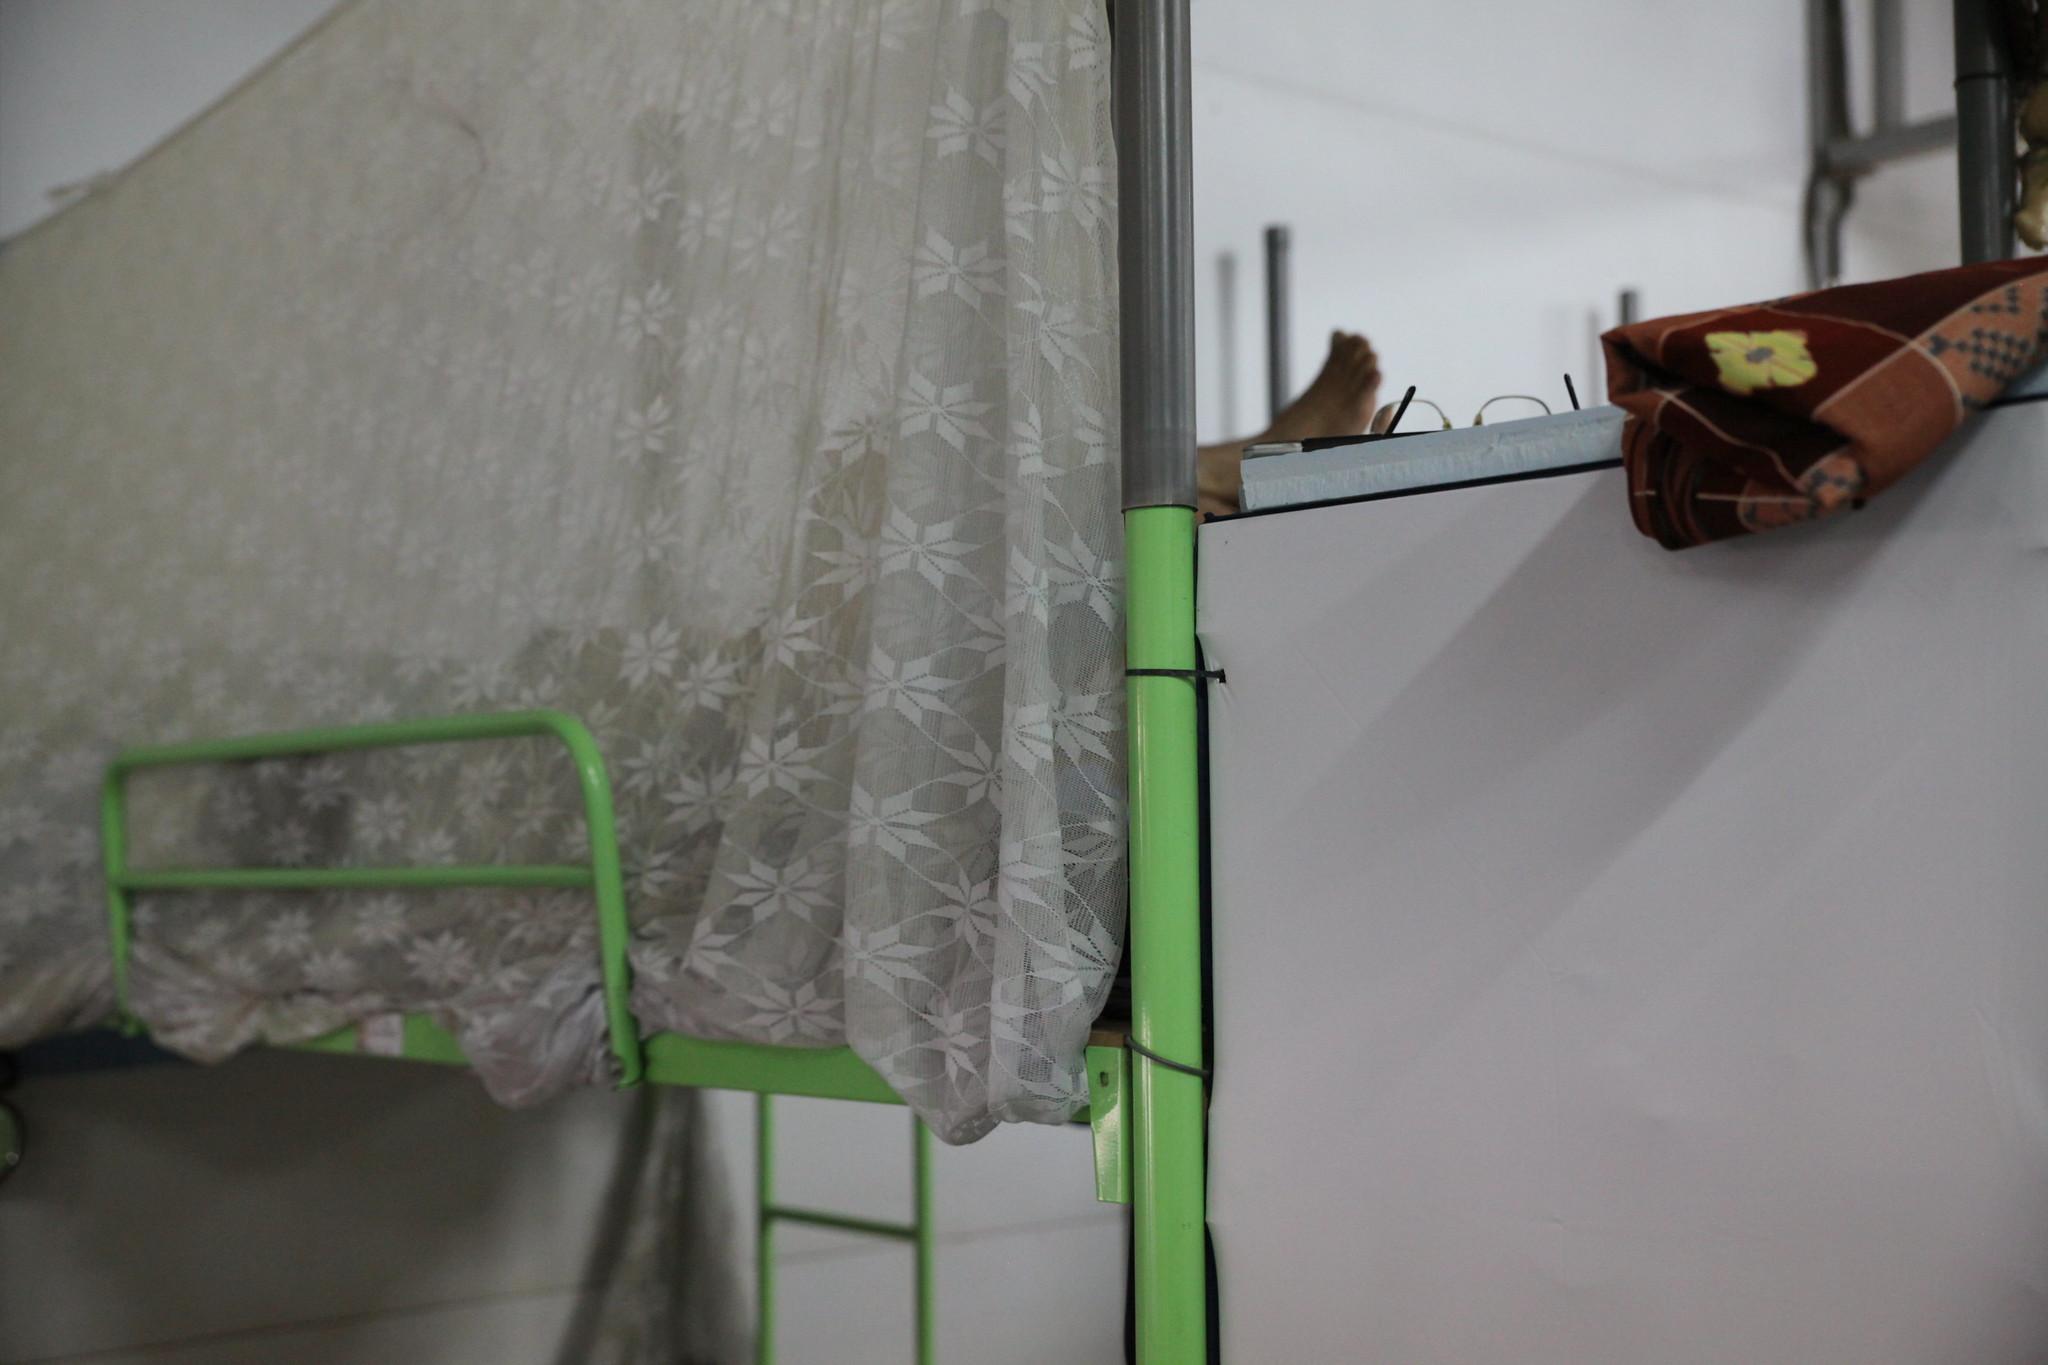 這片圍在床邊的紗廉,便是提供移工個人生活隱私的唯一物品。(攝影:陳逸婷)